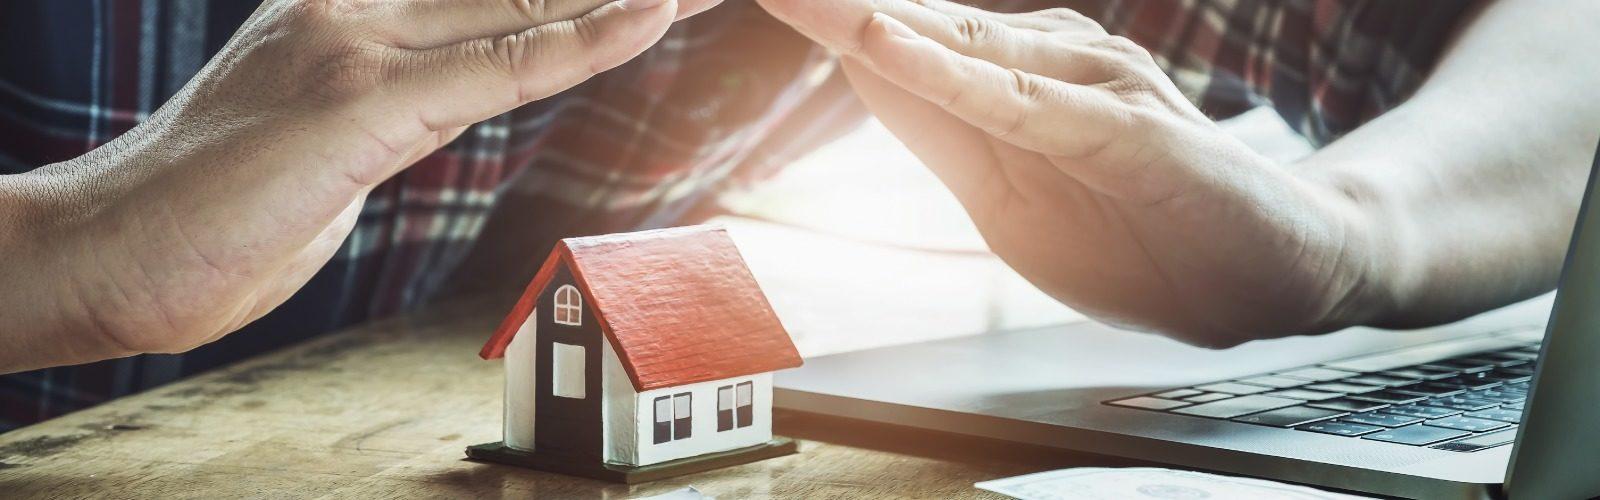 Gestión de activos inmobiliarios